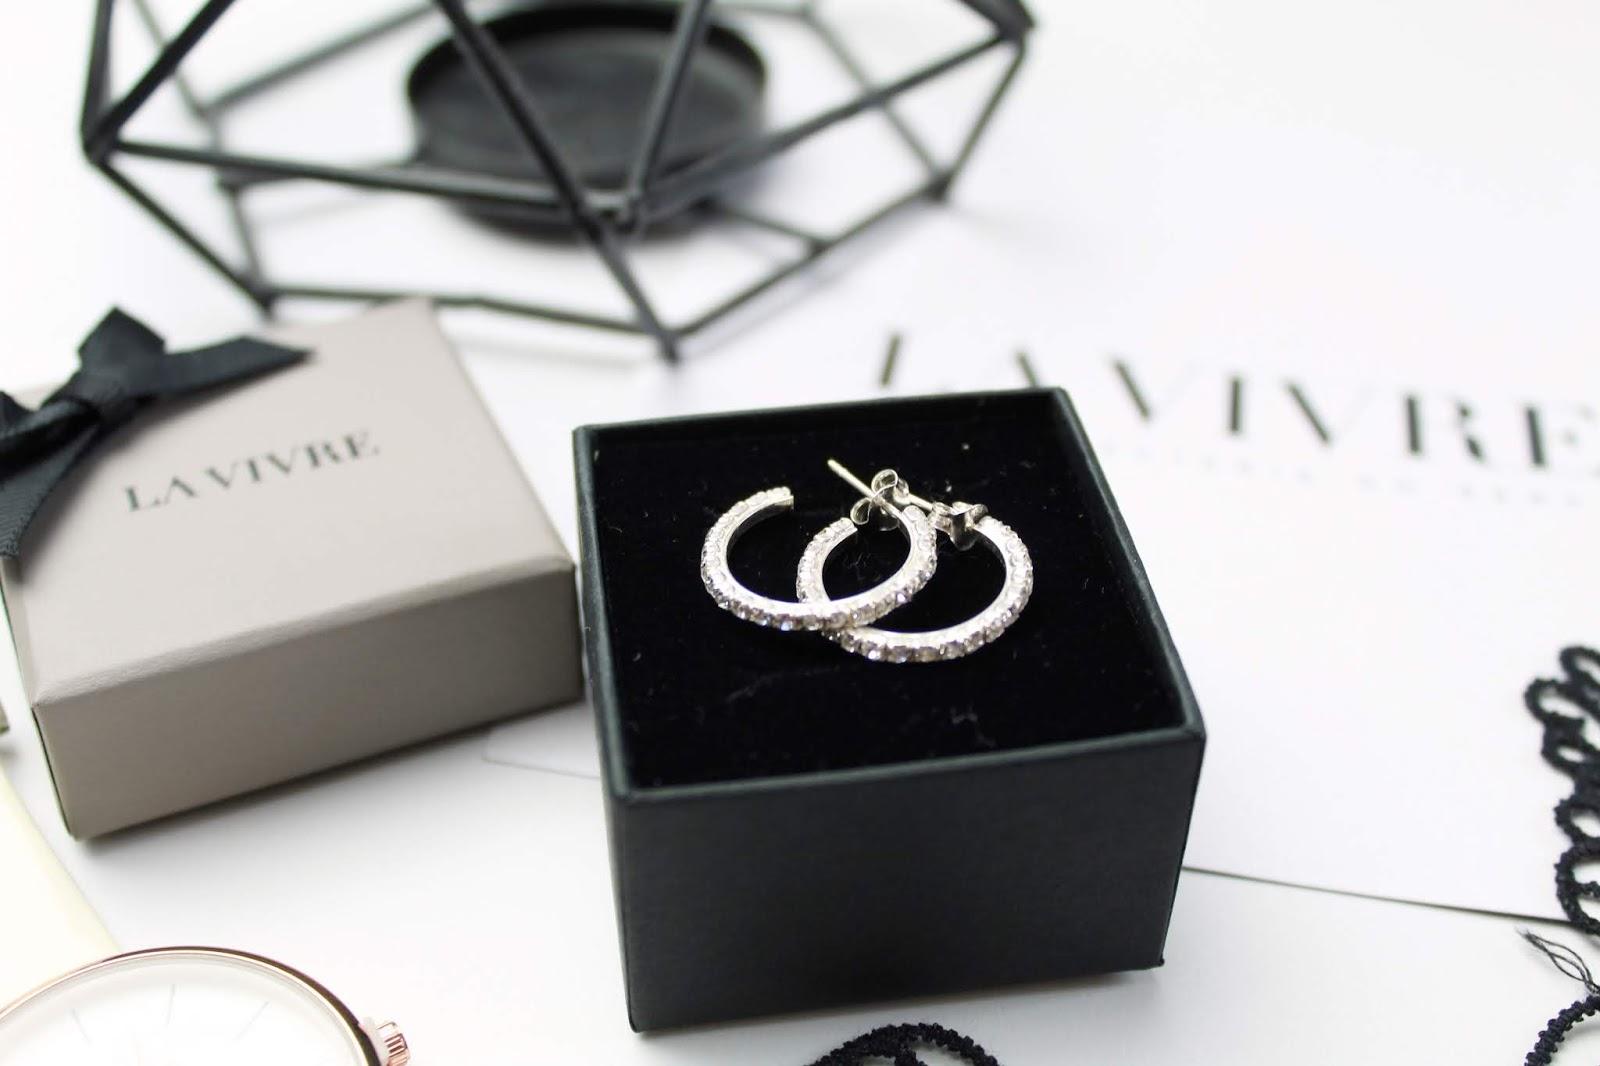 Uwodzicielski luksus - kolczyki srebrne z białą cyrkonią - LA VIVRE